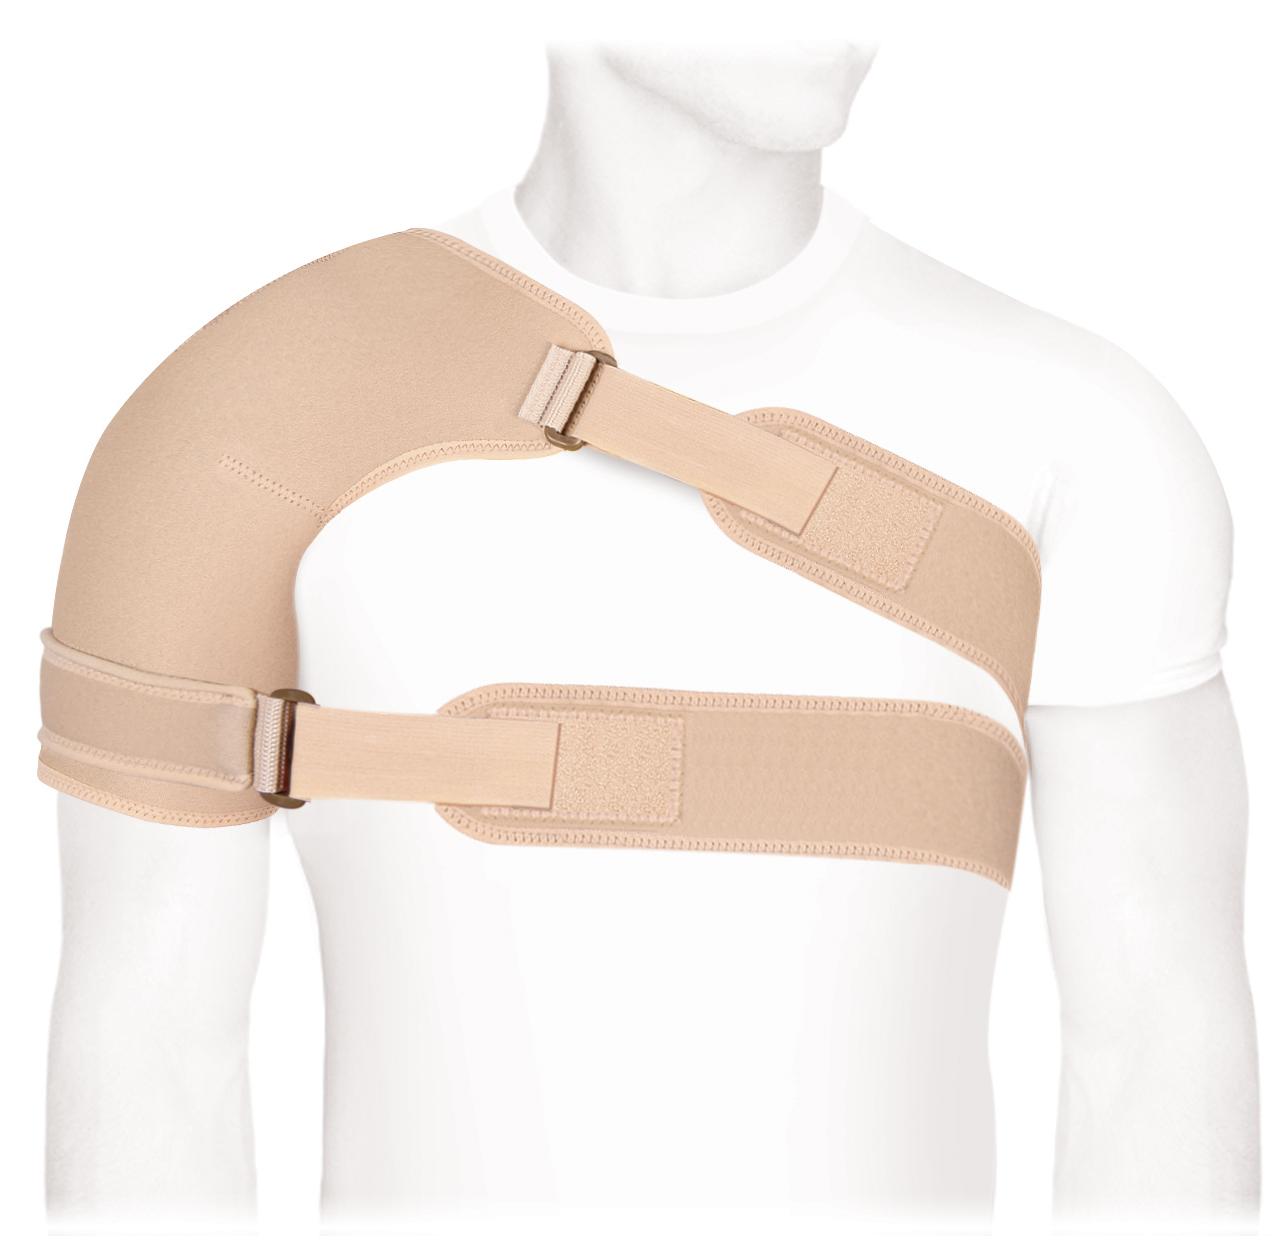 Бандаж на плечевой сустав с дополнительной фиксацией ФПС-03. Размер 3/LФПС-03 LОсобенности:• воздухопроницаемый износоустойчивый аэропрен• фиксация на липучке Велкро• универсальный, подходит для левой и правой руки• дополнительная лента для фиксации руки • цвет: бежевыйПоказания к применению:• сильная фиксация плечевого сустава, ранние реабилитационные сроки• острый плечелопаточный периартрит• консервативное лечение адгезивного капсулита• сильные, сочетанные травмы плечевого сустава• артроз ключично - акромиального сочленения 3 стадии (предоперационый период)• повреждения в области ключично - акромиального сочленения - 3, 4, 5, 6 типовИзмеряется обхват грудной клетки вместе с прижатой к груди рукой:M до110; L более110